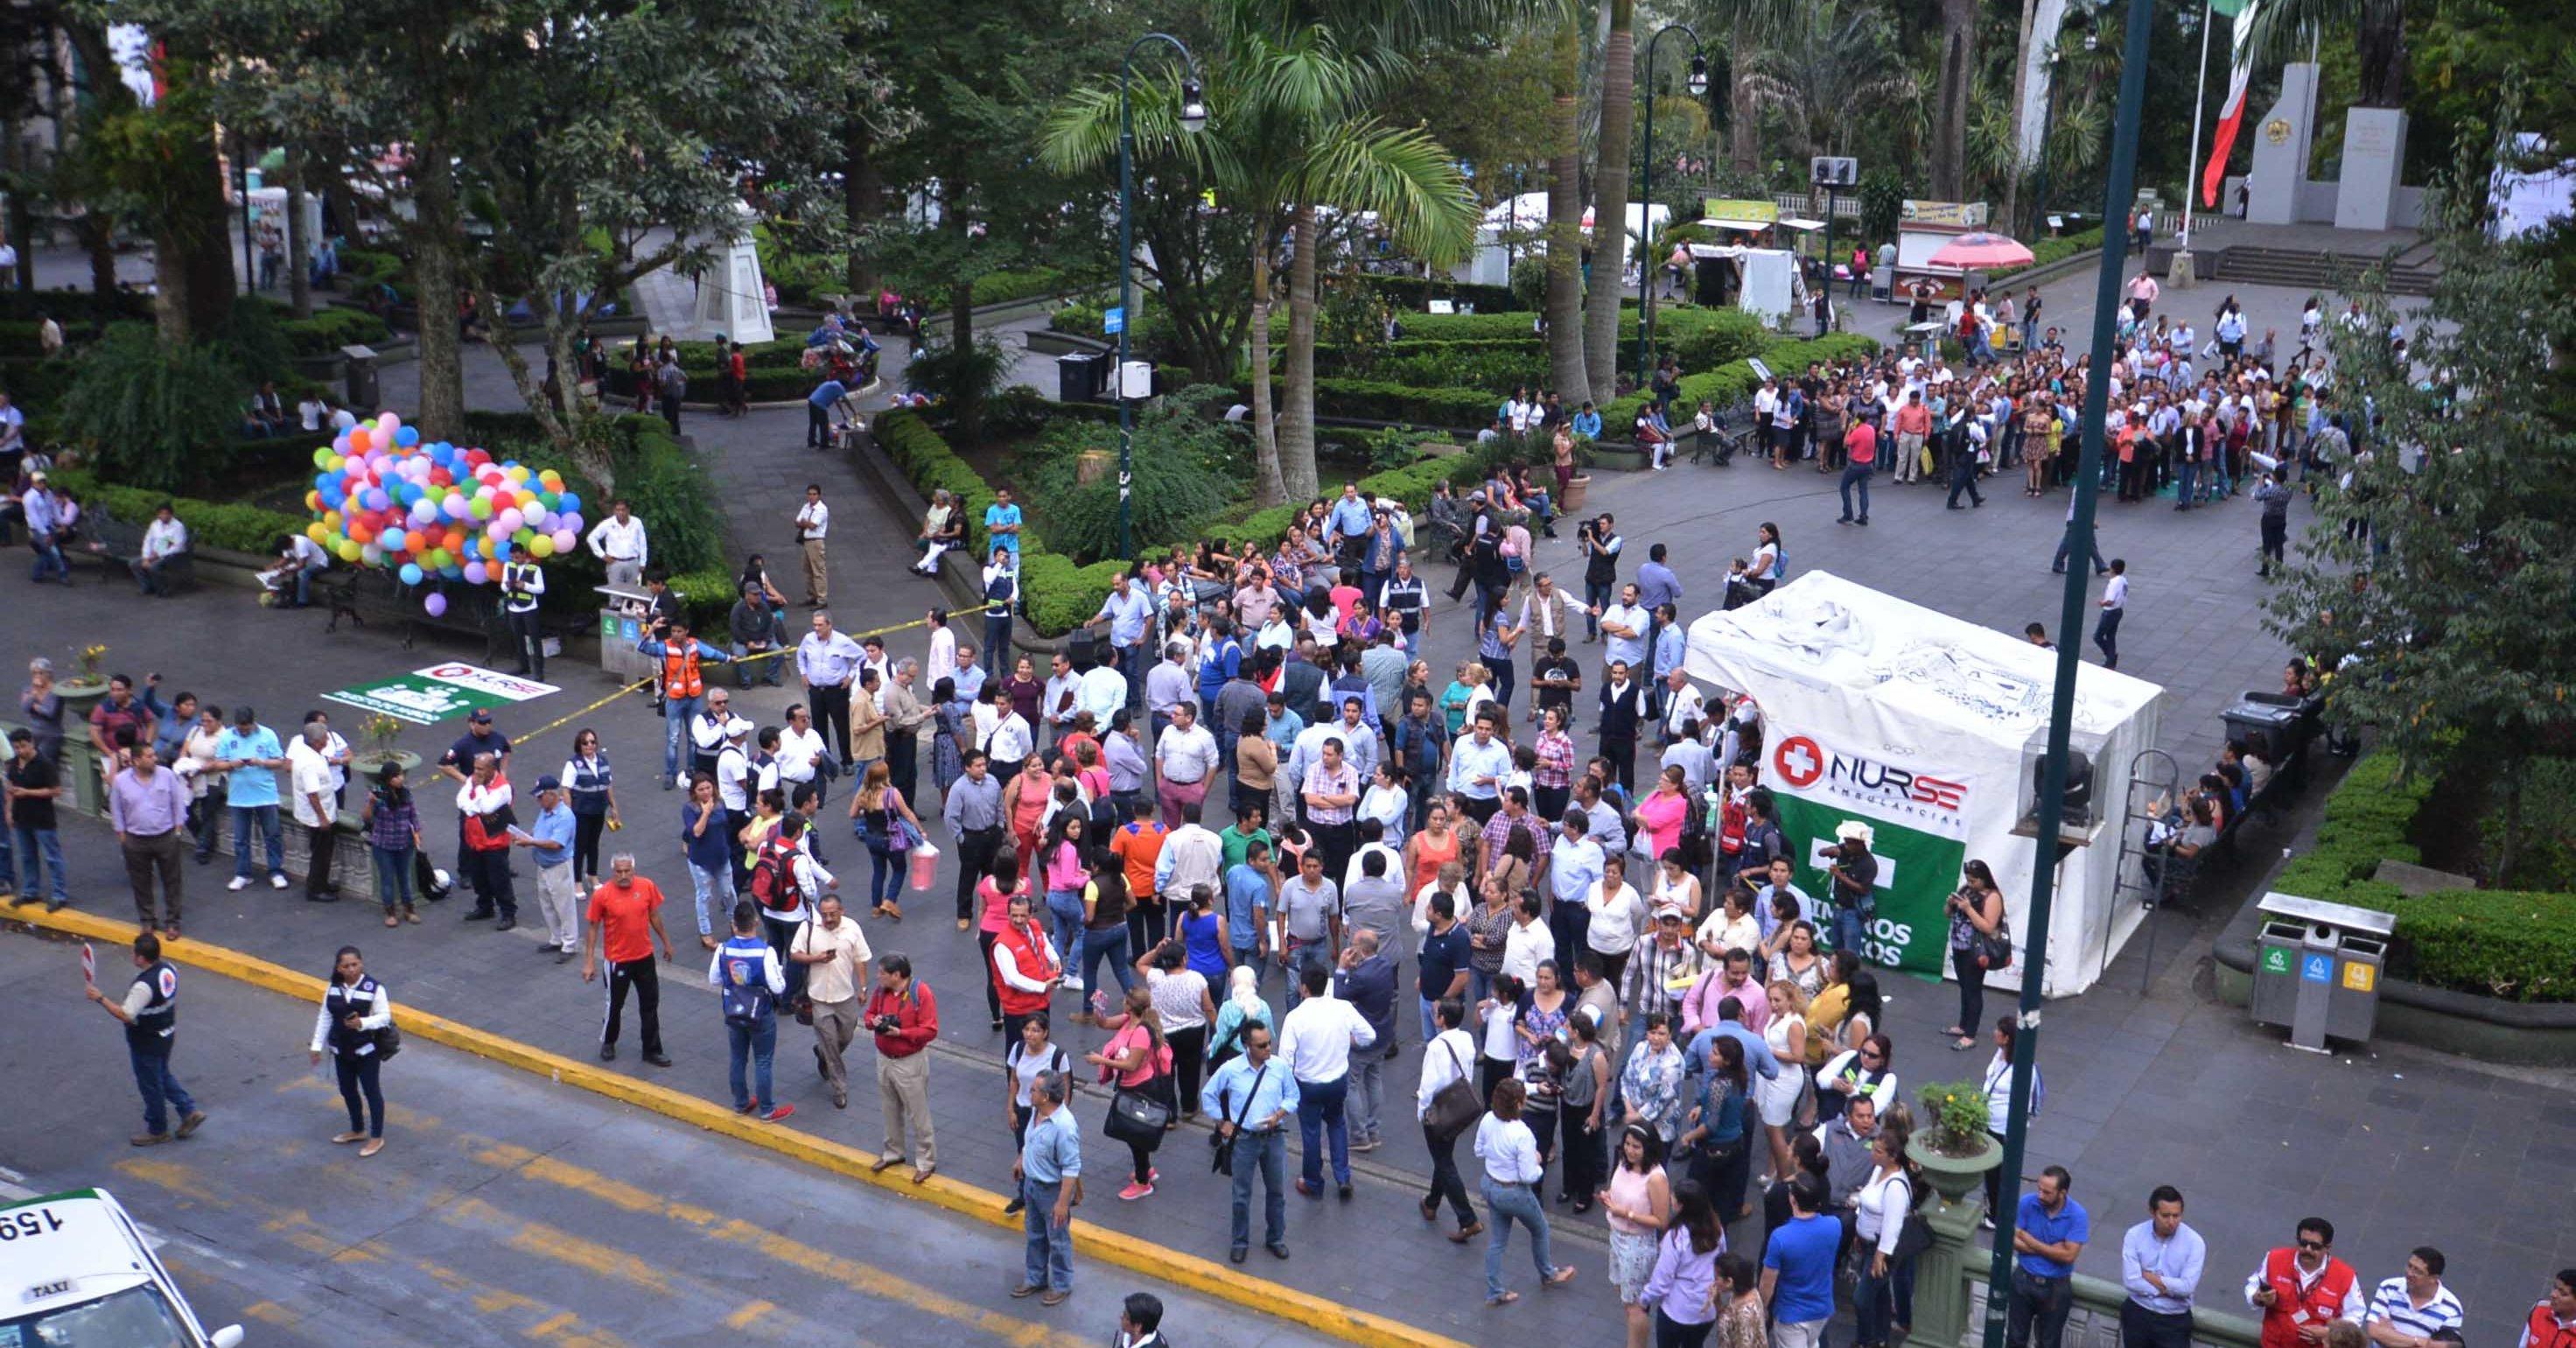 Desalojan el Palacio Municipal de Xalapa por simulacro de amenaza de bomba